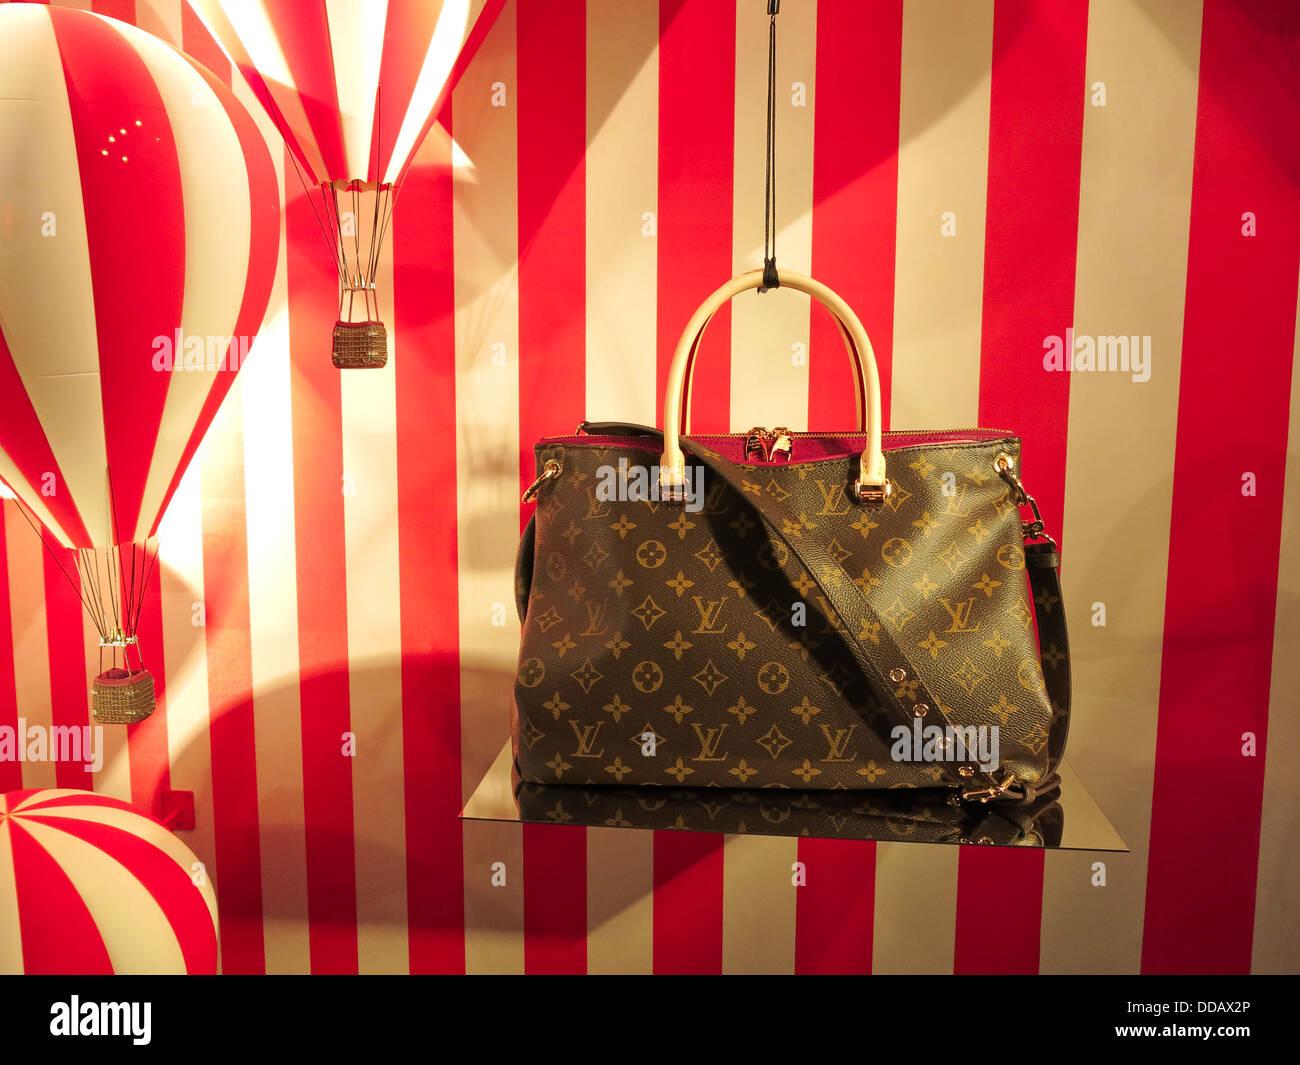 50b4cfa2be3a5 Louis Vuitton Damen Luxus-Designer-Handtasche im Schaufenster ...